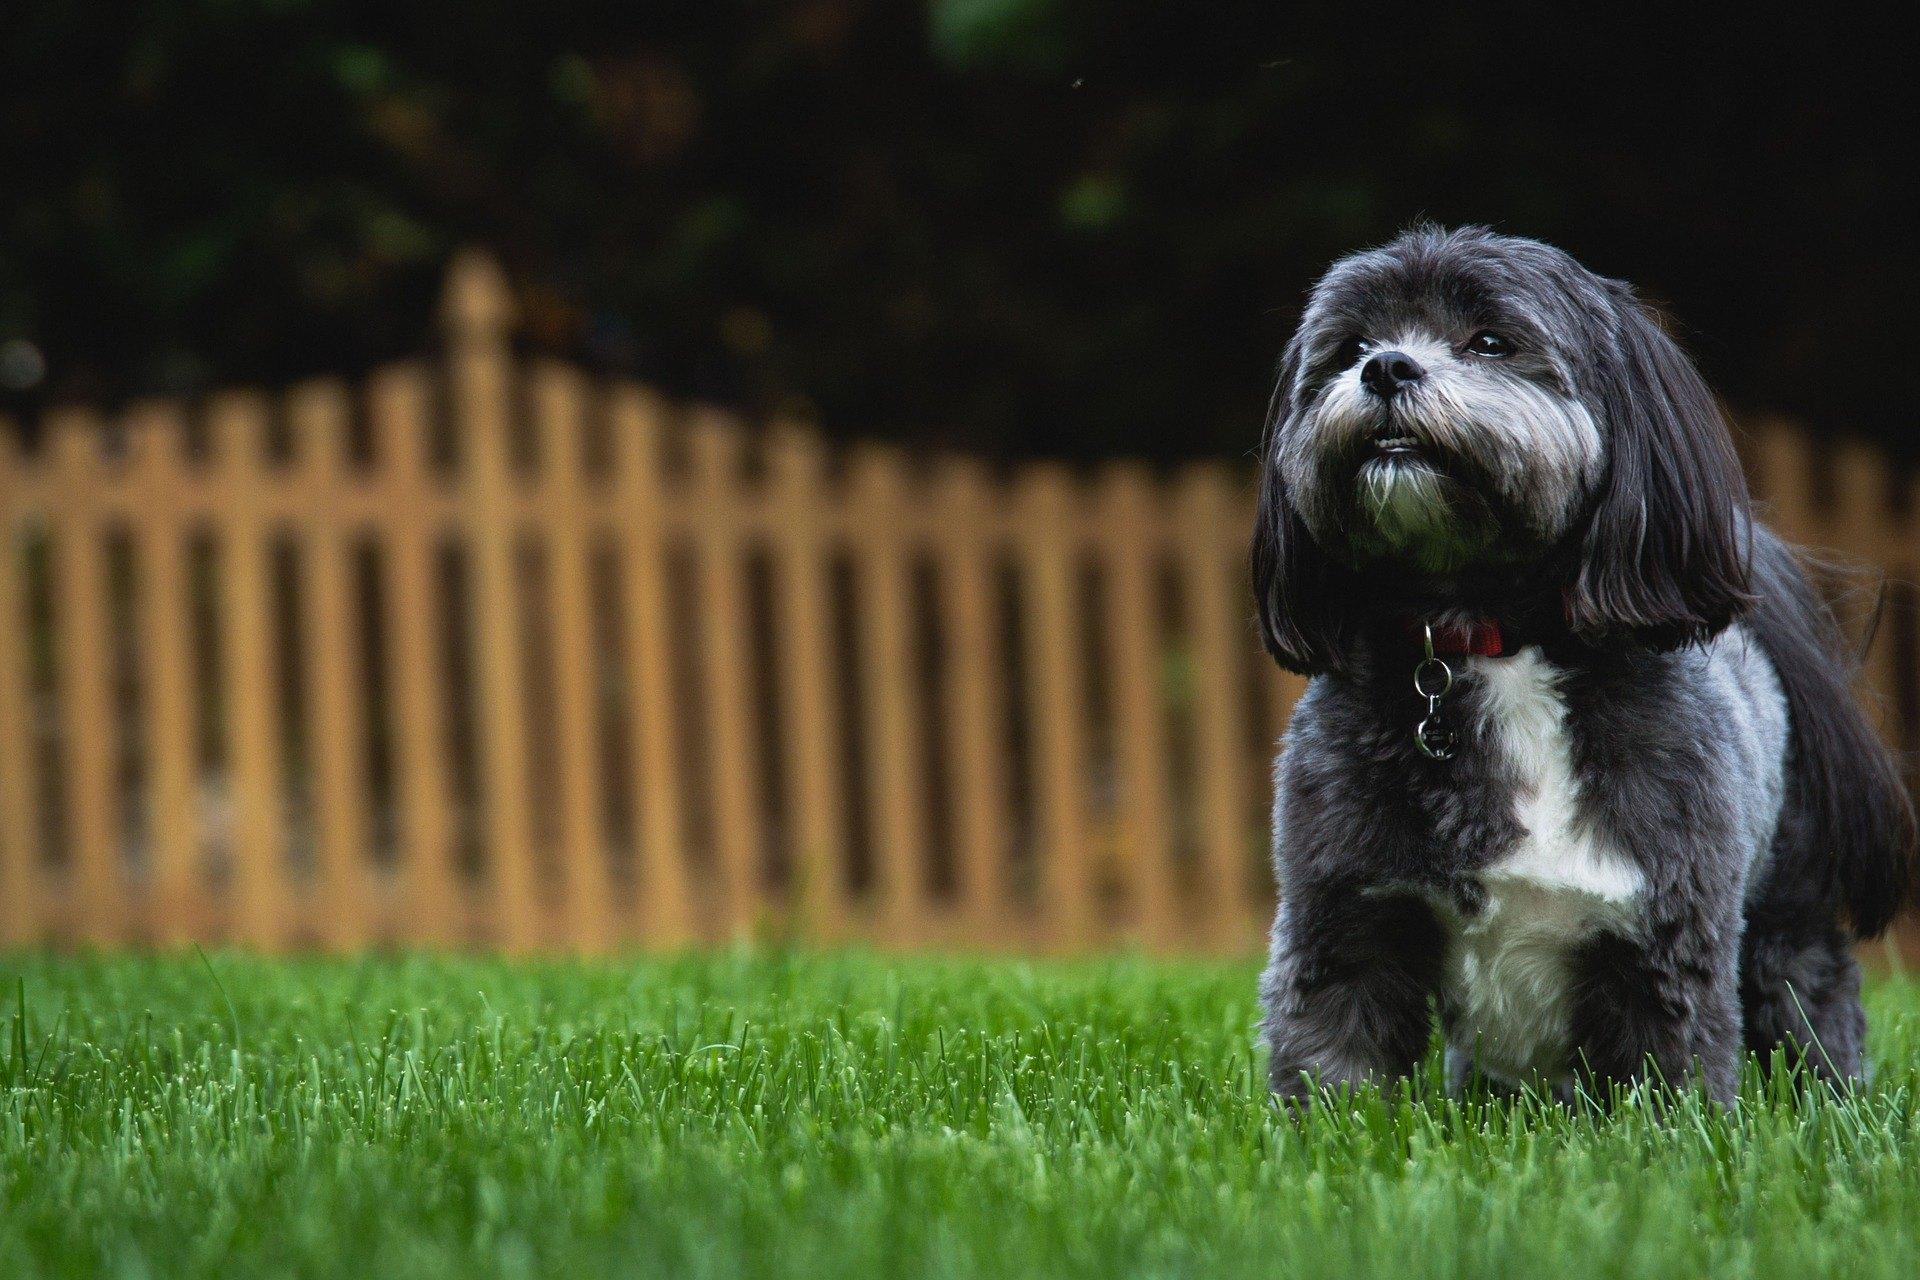 Shih tzu je malý pes, ale veľmi spoločenský, priateľský, s mimoriadne šťastnou povahou.